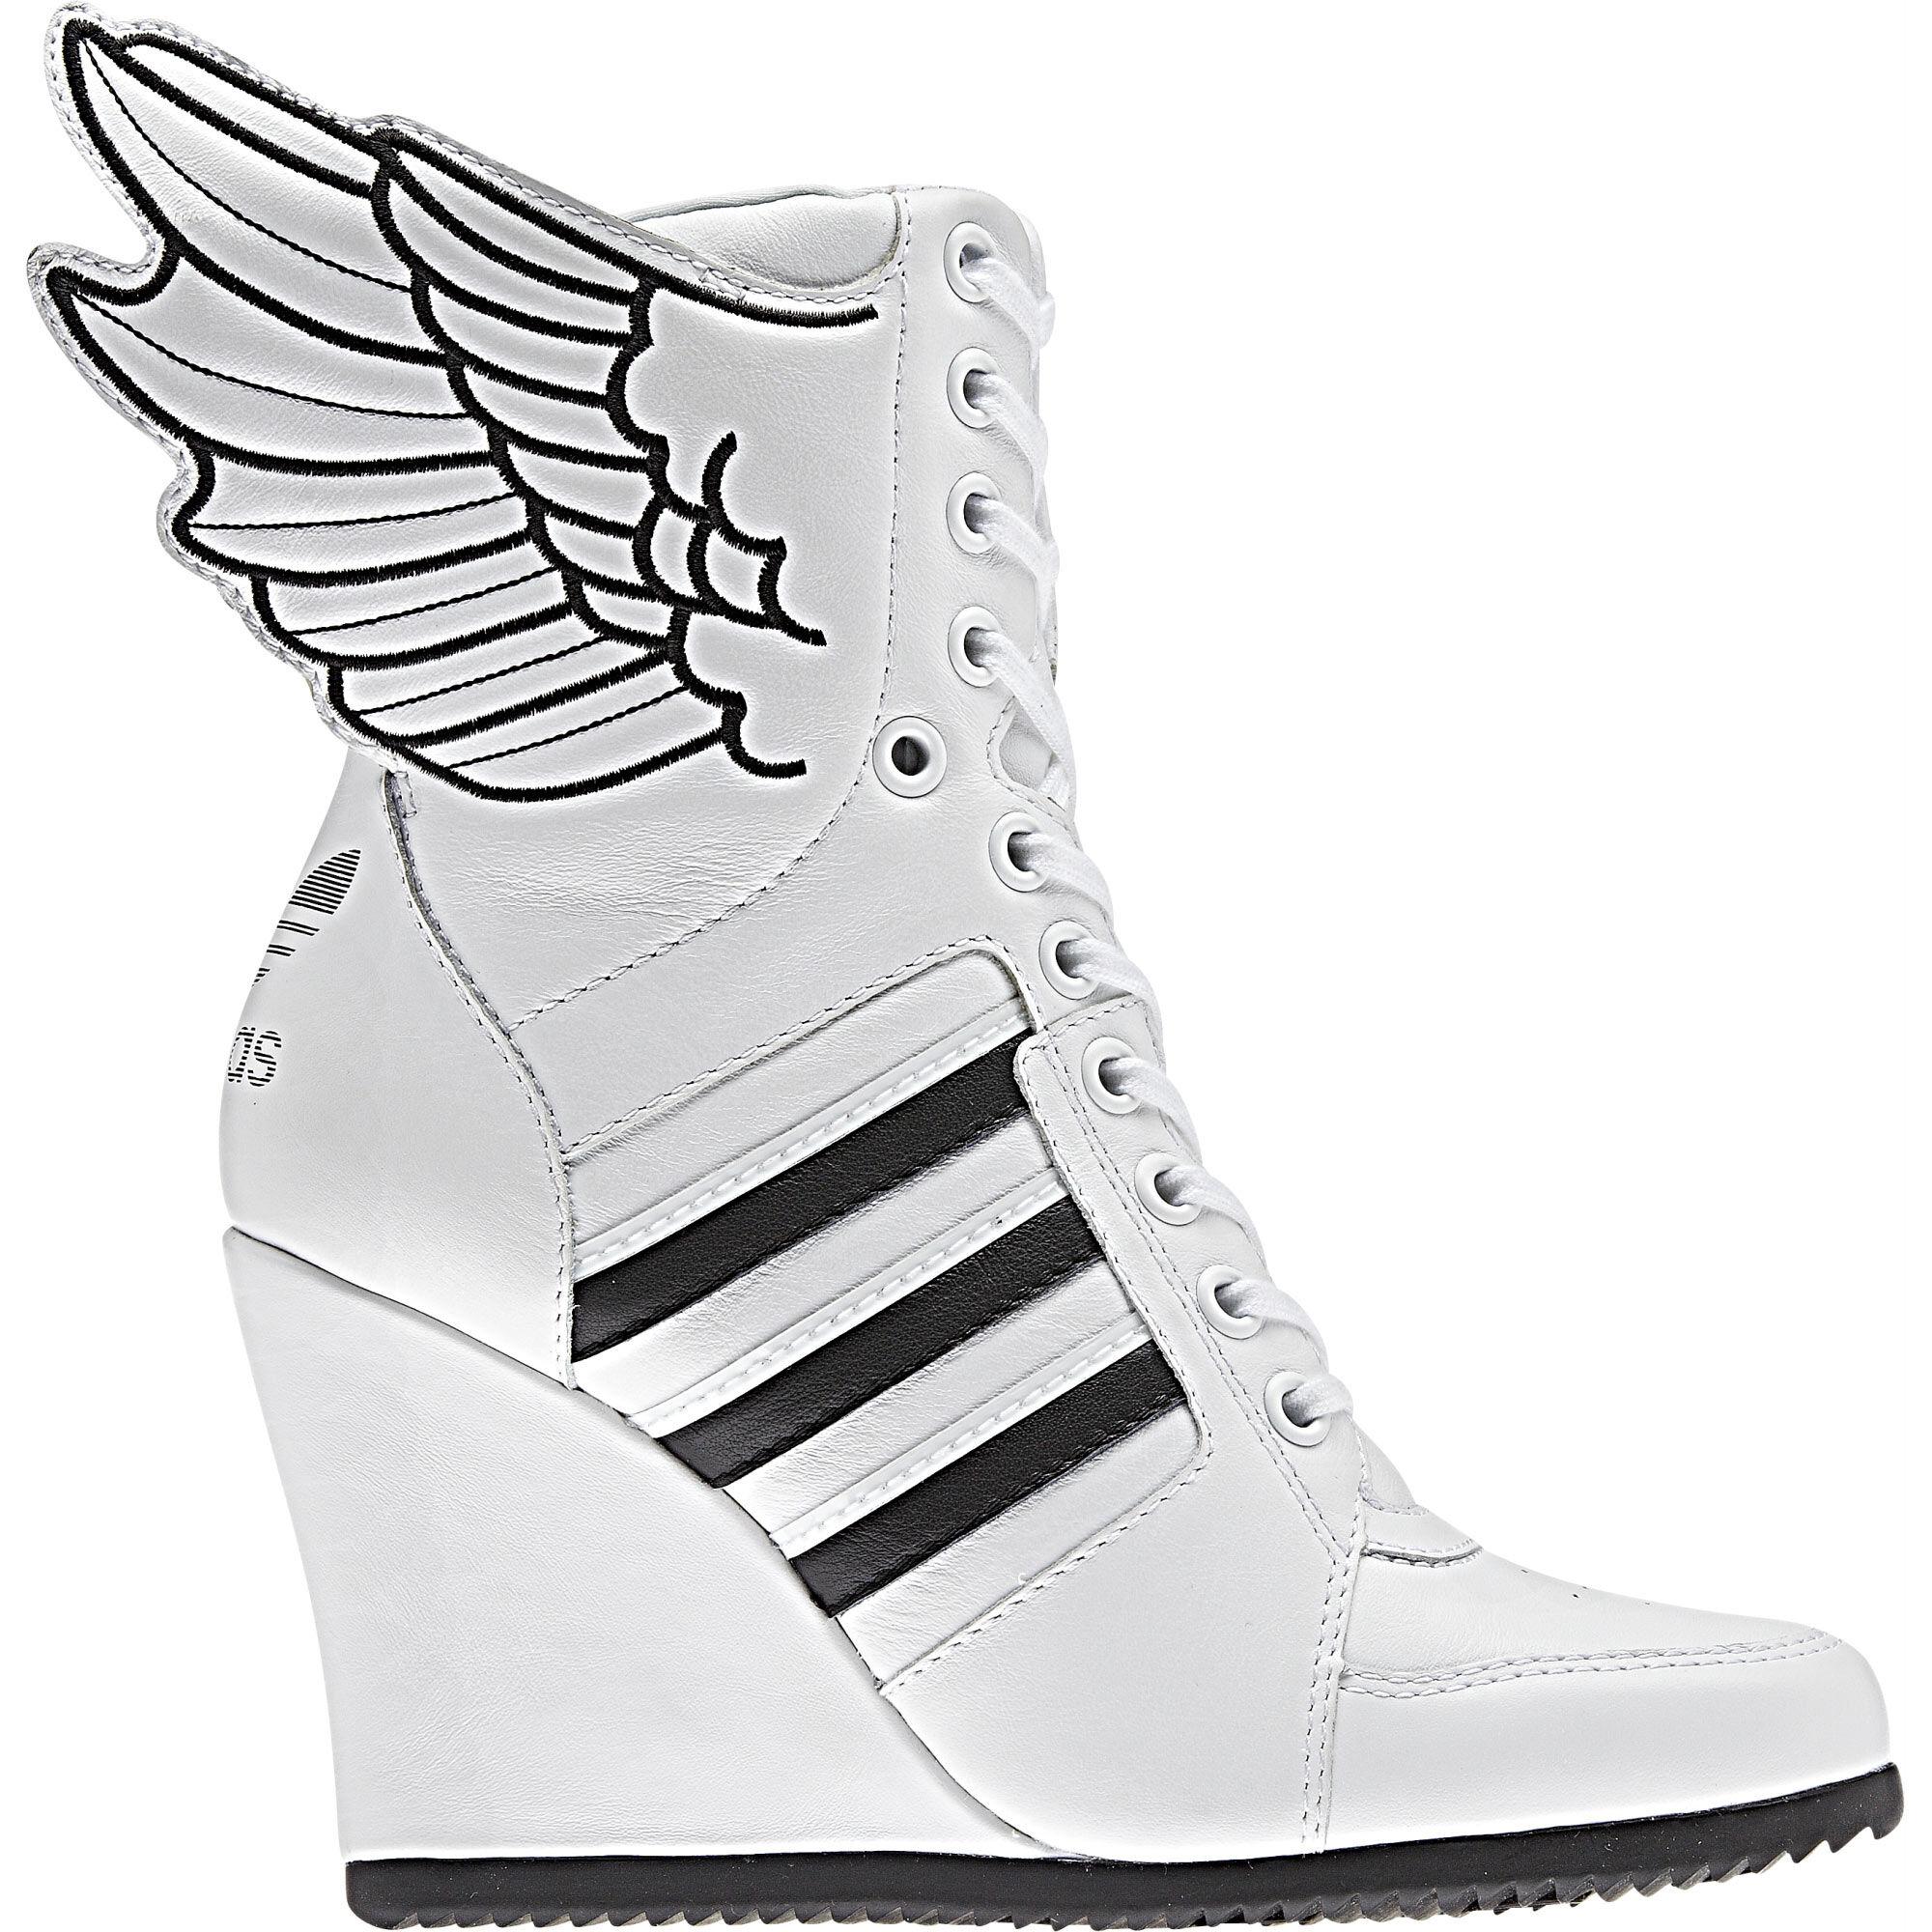 adidas jeremy scott wings femme